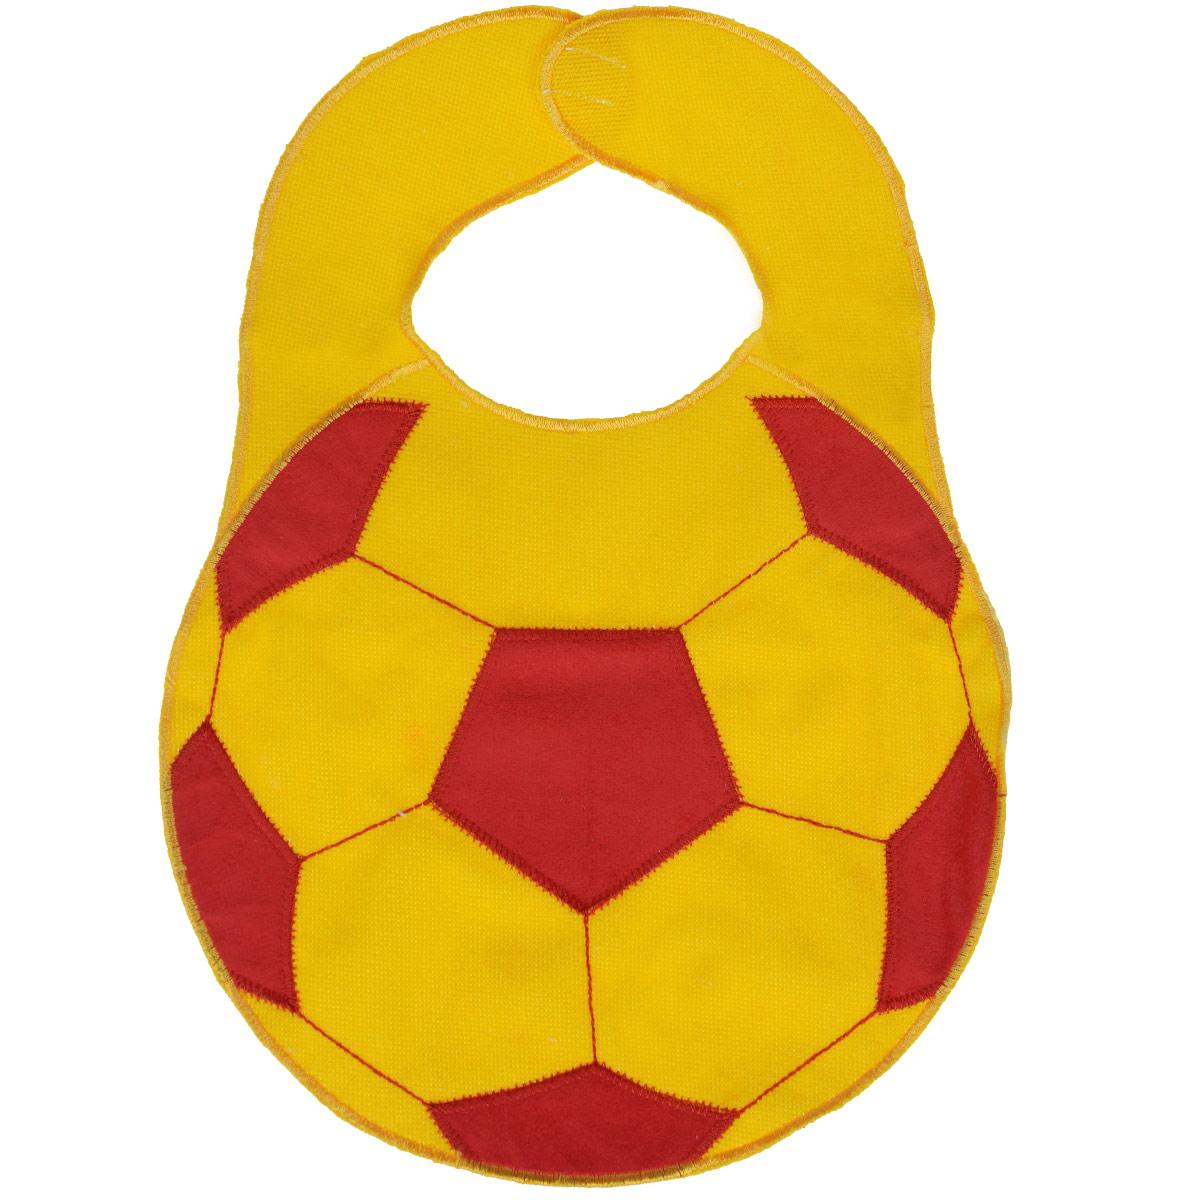 Нагрудник Sevi Baby Футбольный мяч, цвет: желтый, красный, 23 см х 32 см566 sevi babyНагрудник Sevi Baby в виде футбольного мяча прекрасно подойдет для кормления ребенка. Нагрудник выполнен из натуральной экологически чистой махровой ткани с вставками из полиэстера. Махра отлично впитывает влагу и отличается гипоаллергенными свойствами. Обратная сторона нагрудника изготовлена из полиуретана, она не промокает, поэтому одежда малыша останется сухой, даже если он что-то пролил на себя. Нагрудник оснащен застежкой-кнопкой. Sevi Baby - это одежда для самых маленьких, созданная с пониманием и заботой о комфорте и здоровье ребенка!